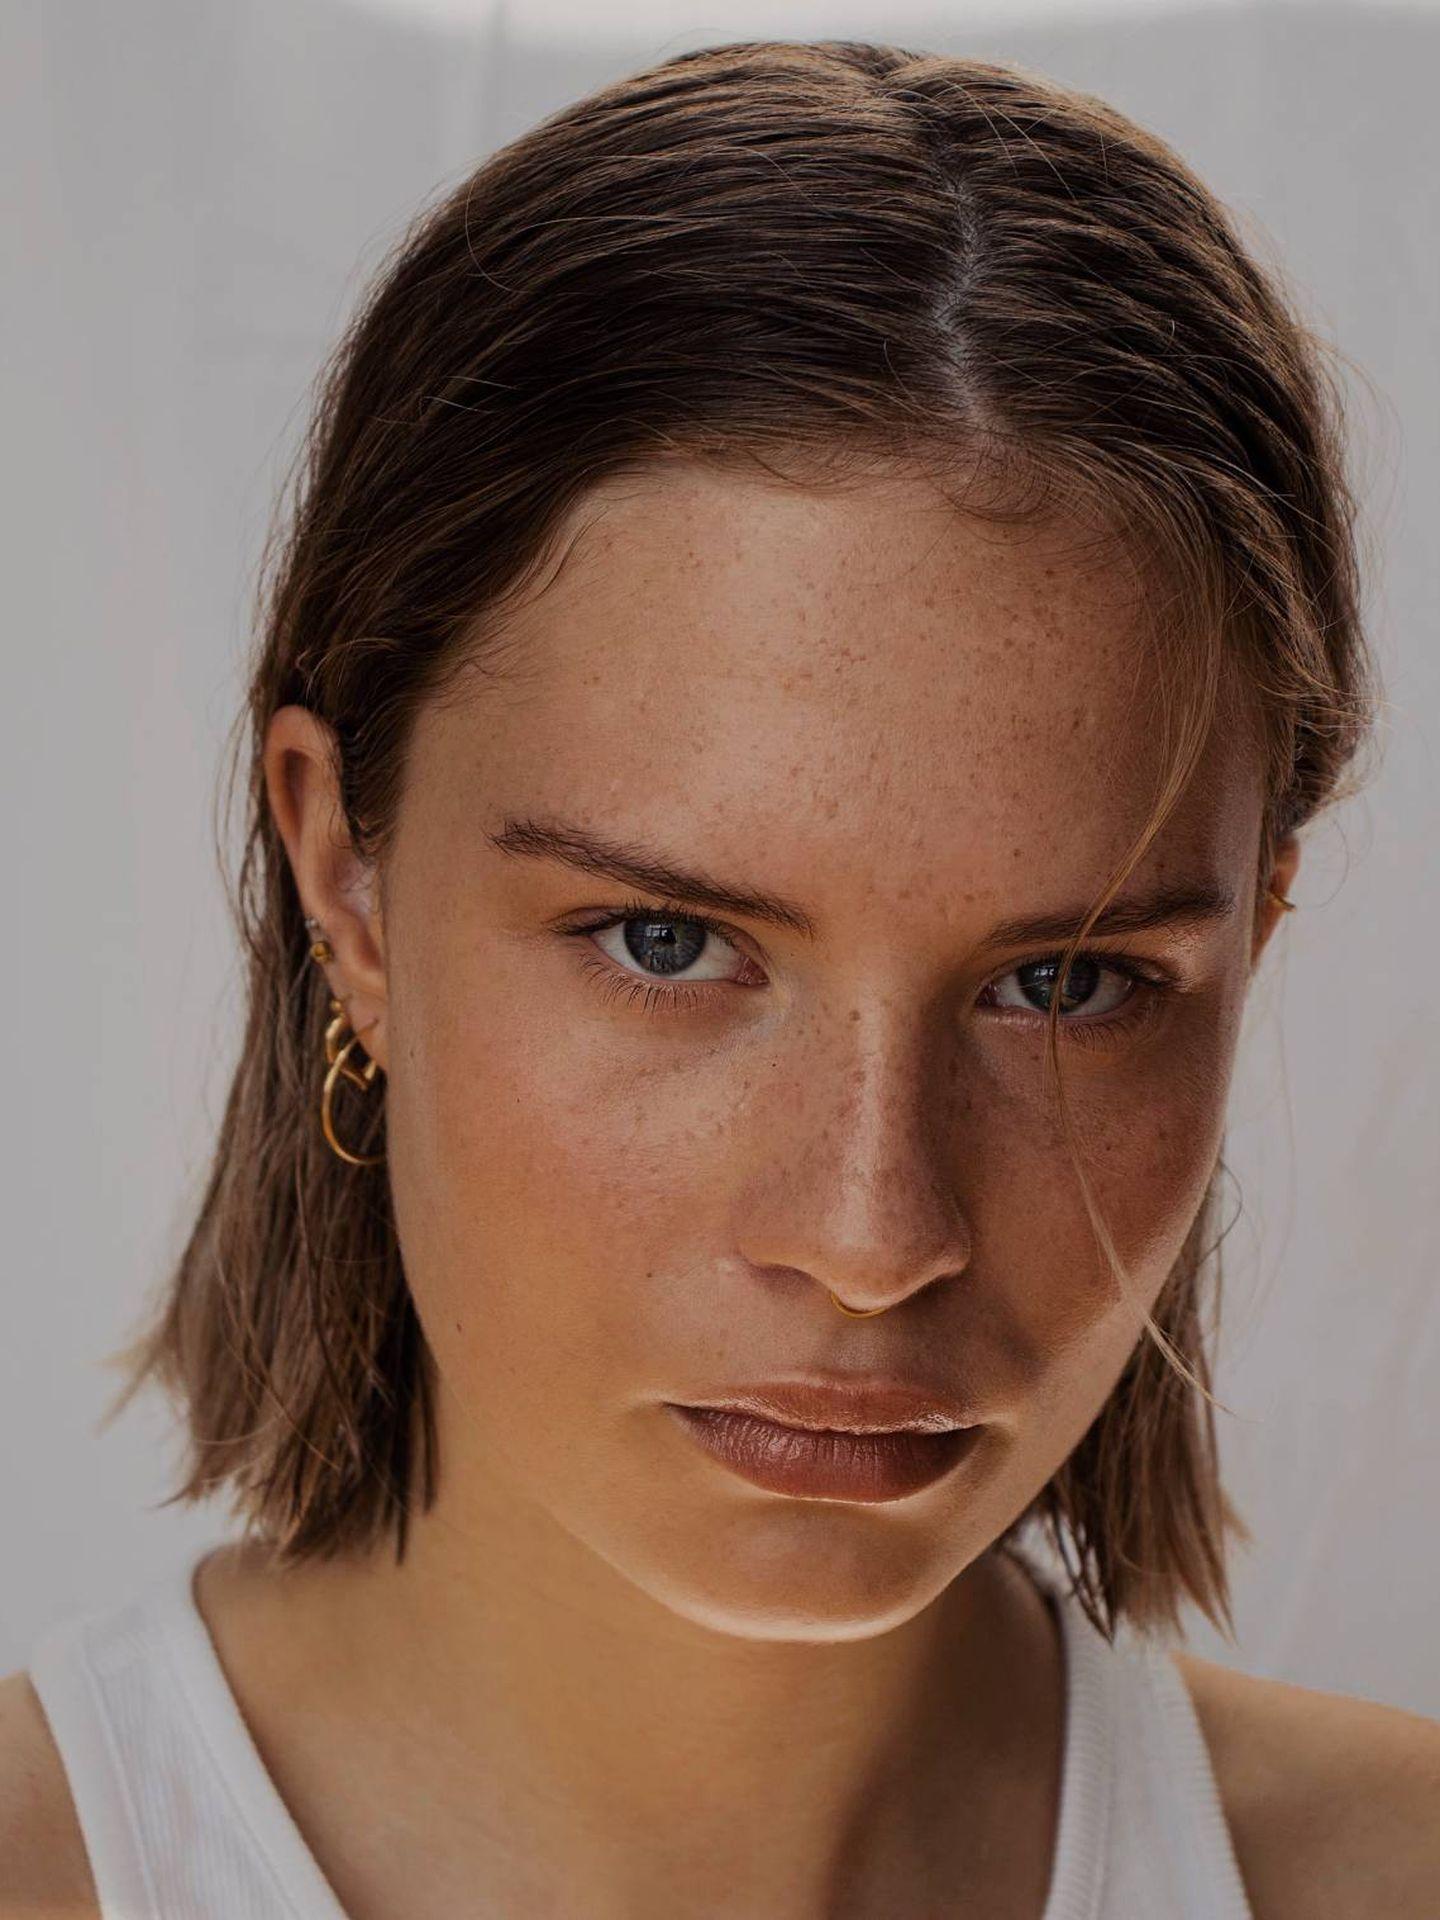 Los geles de limpieza facial aportan un extra de frescor. (Fleur Kaan para Unsplash)